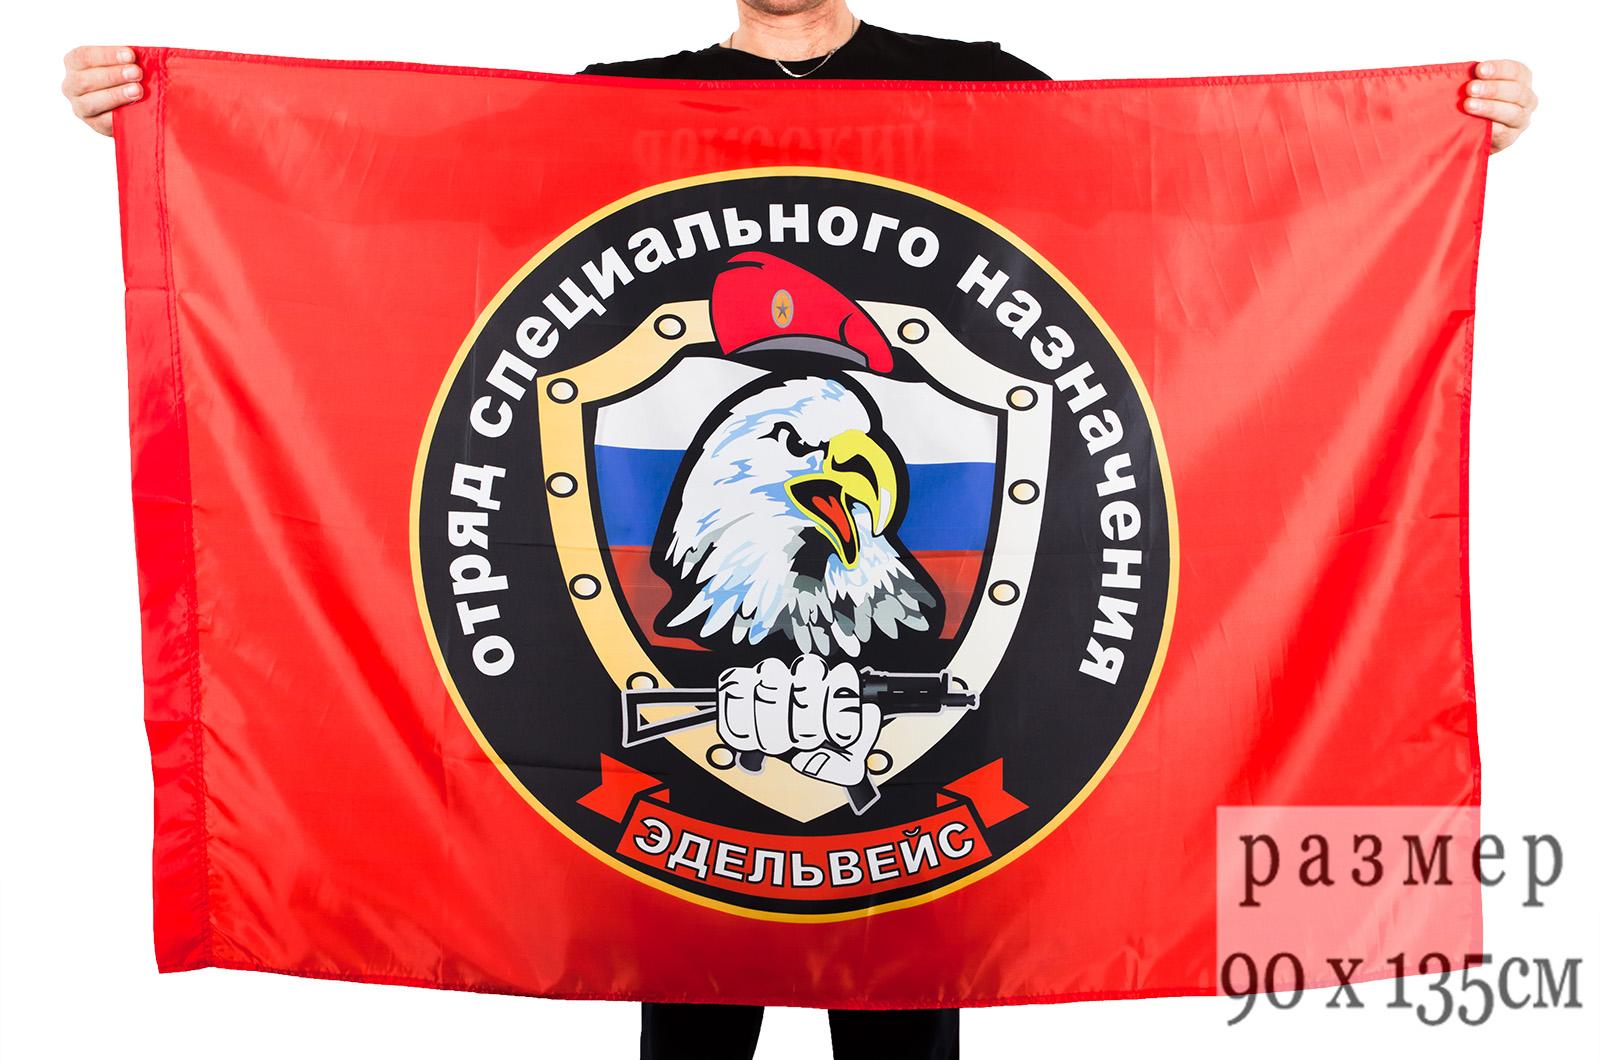 Символика ВВ МВД РФ внутренние войска